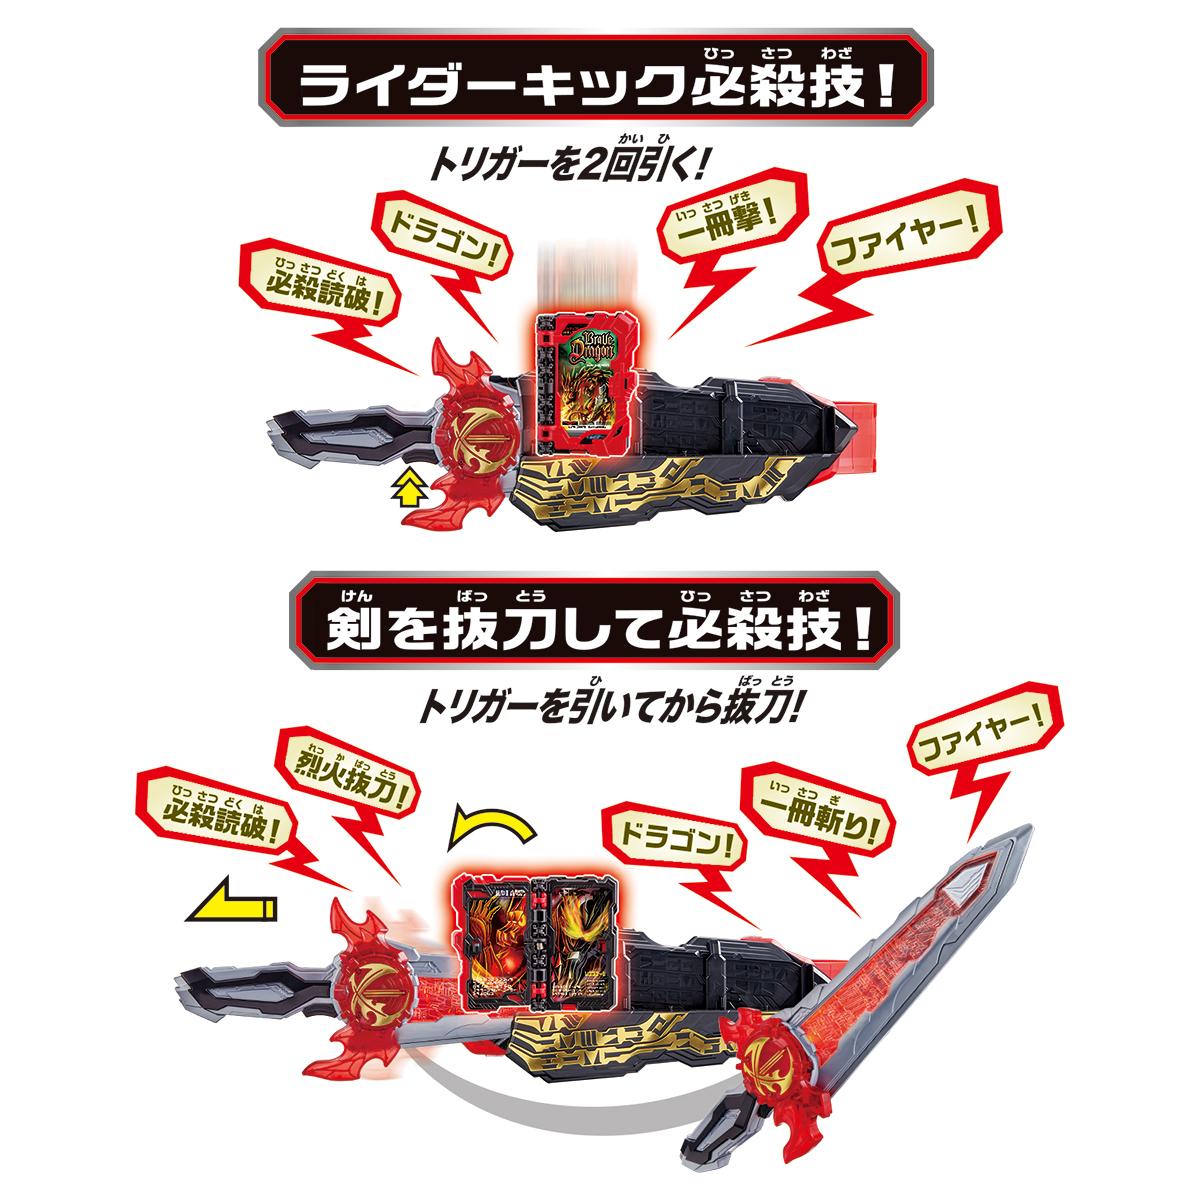 変身ベルト『DX聖剣ソードライバー』仮面ライダーセイバー 変身なりきり-005